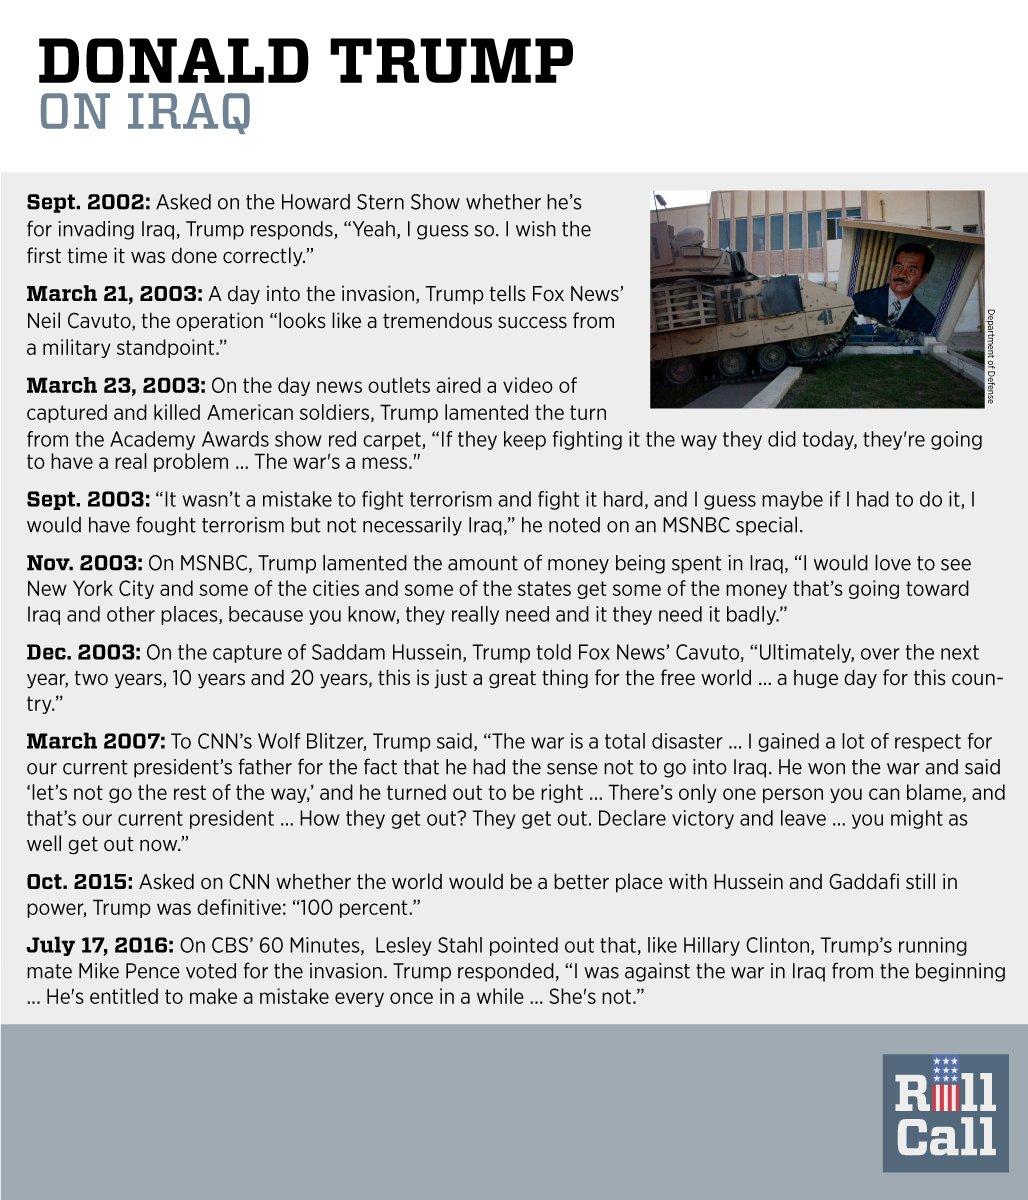 Trump's play-by-play on Iraq war statements: #debatenight https://t.co/q43EgI6B1e